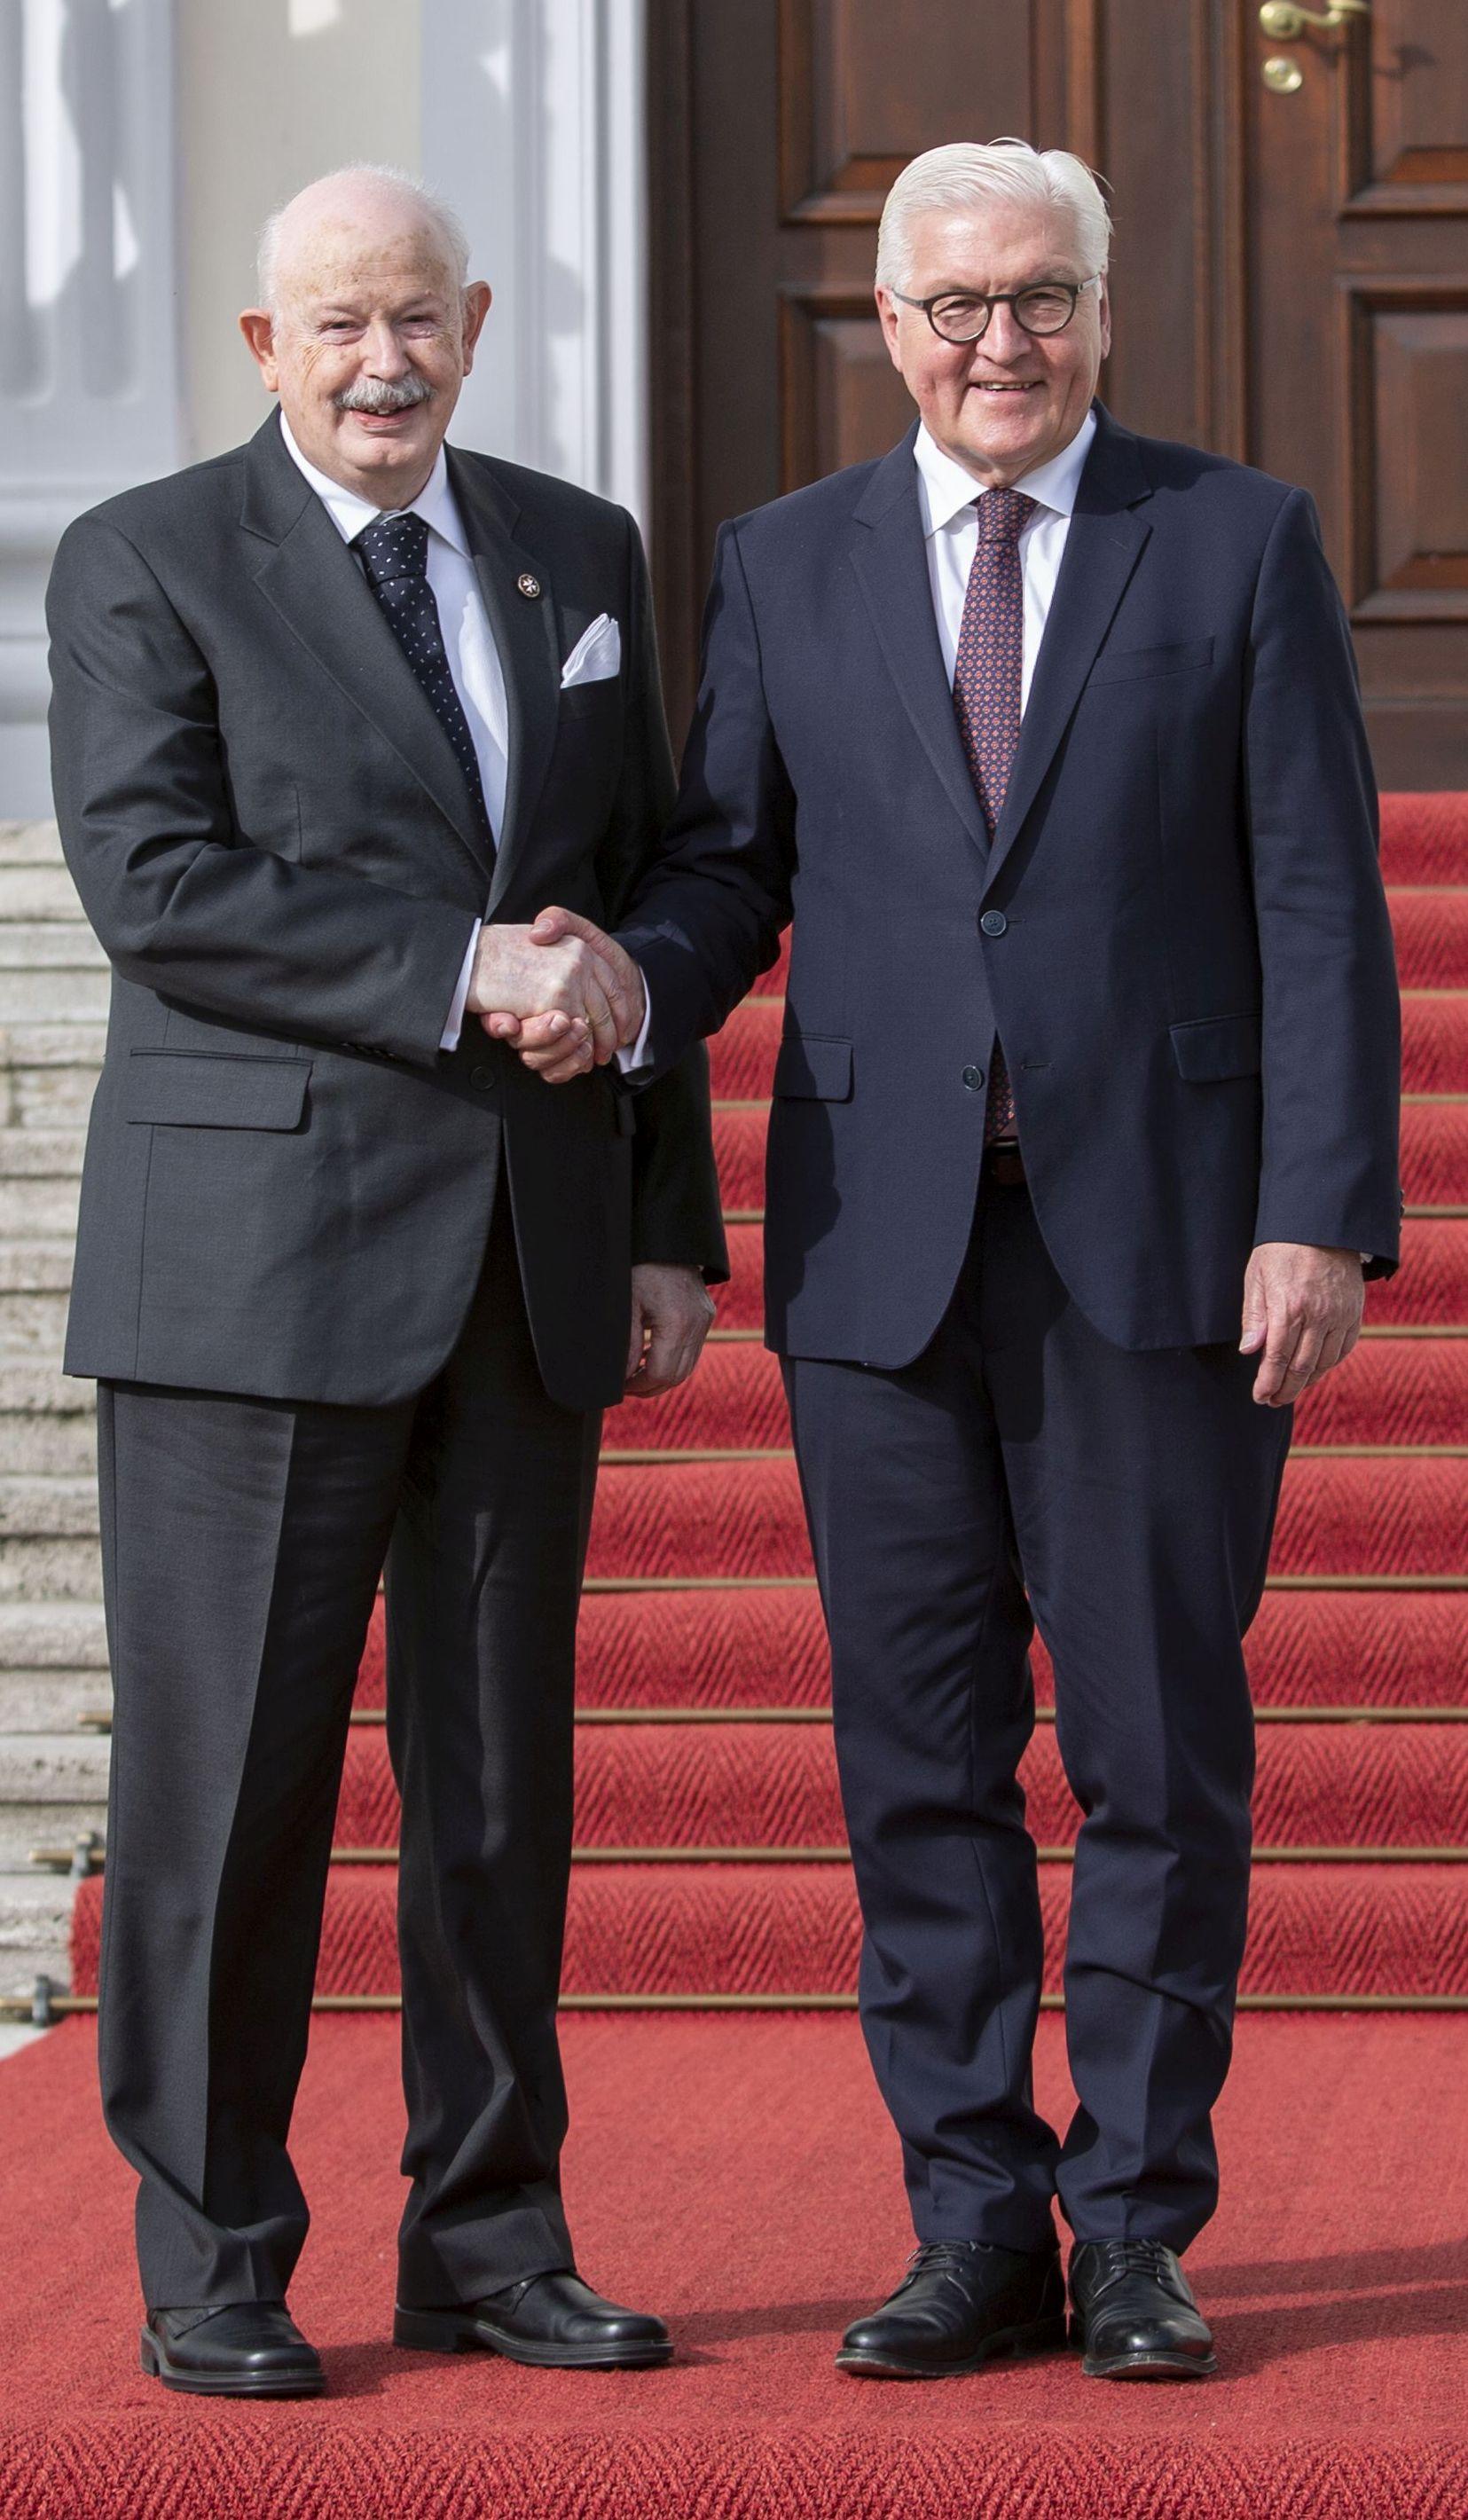 Der Bundespräsident empfing den Großmeister auf Schloss Bellevue